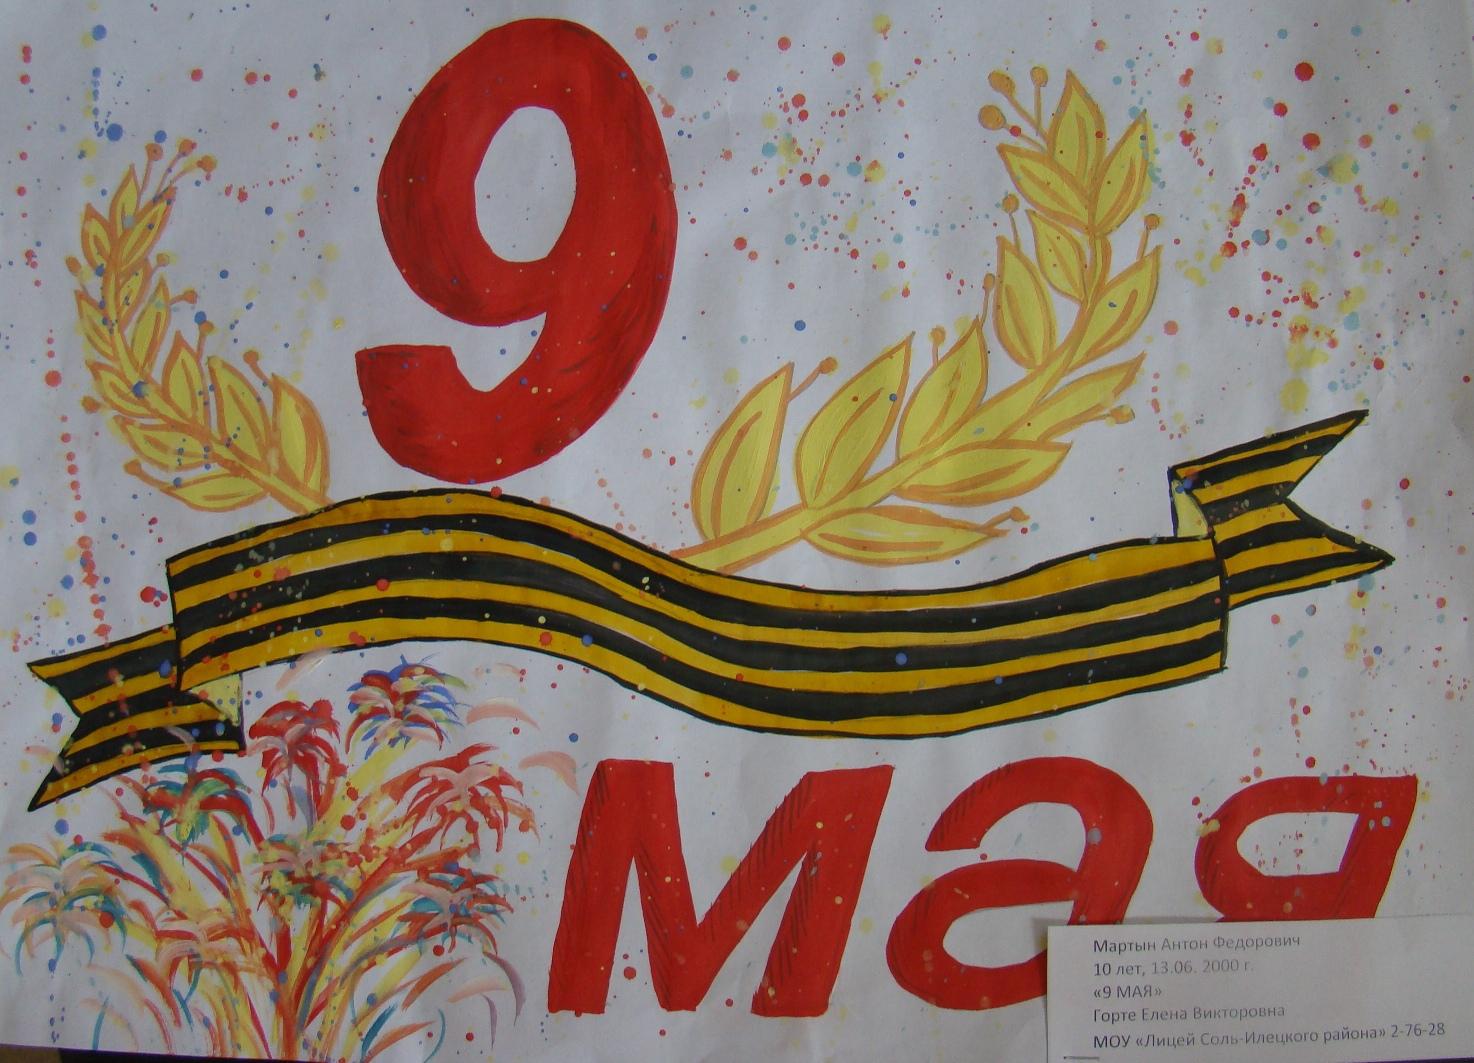 на мая 9 тему рисунки победы день